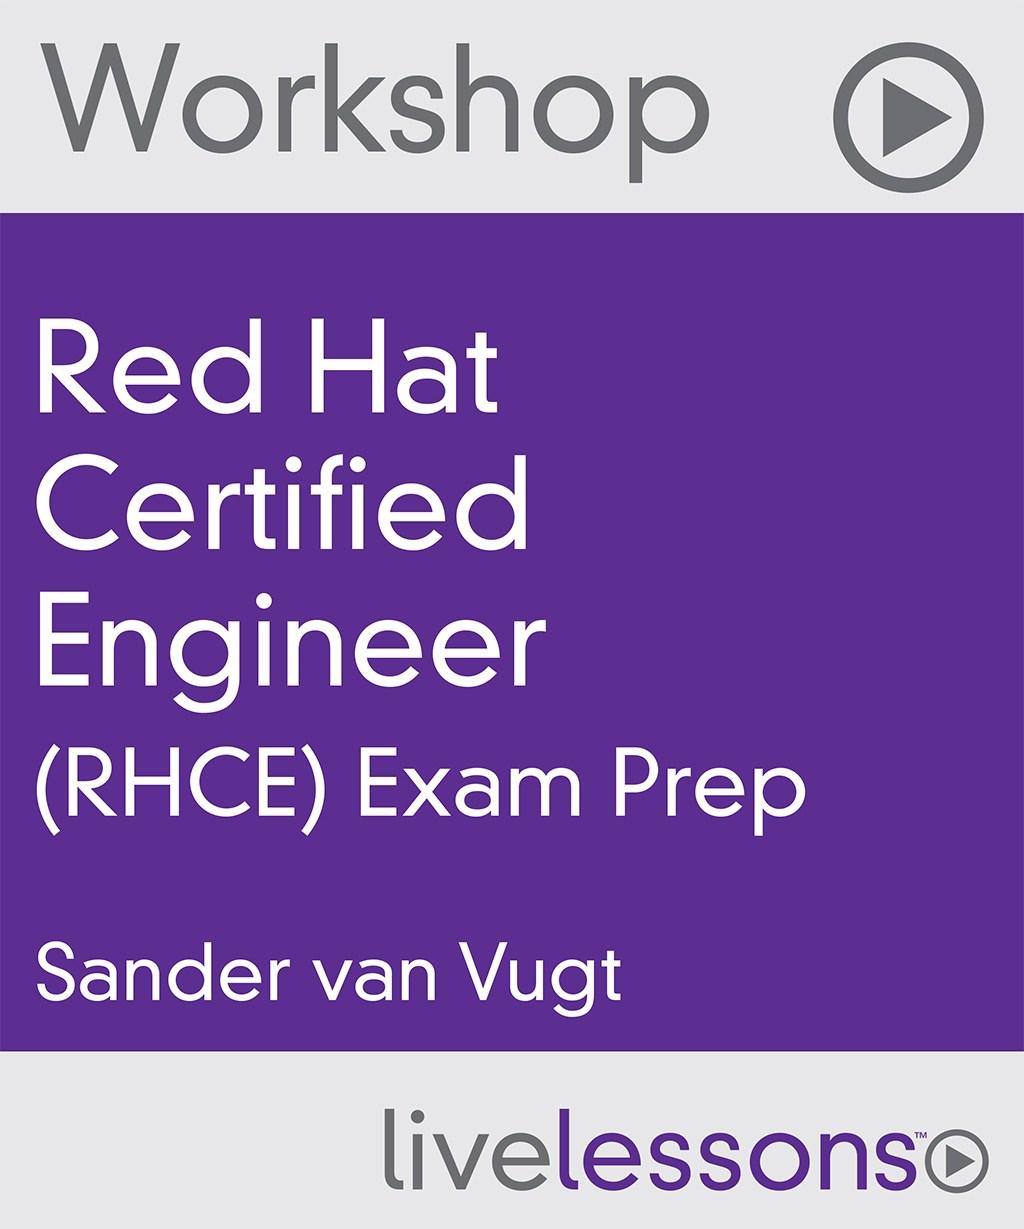 Red Hat Certified Engineer (RHCE) Exam Prep Video Workshop (Streaming)